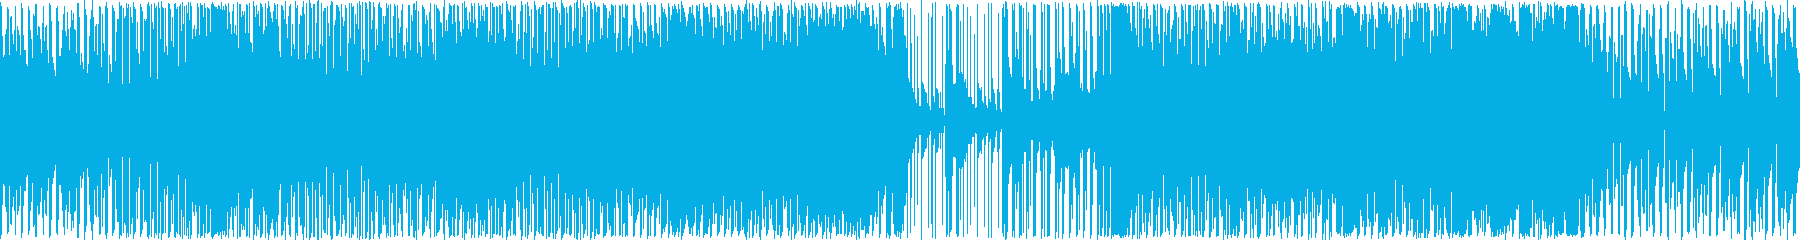 メロディアスで軽い感じのクラブ系BGMの再生済みの波形